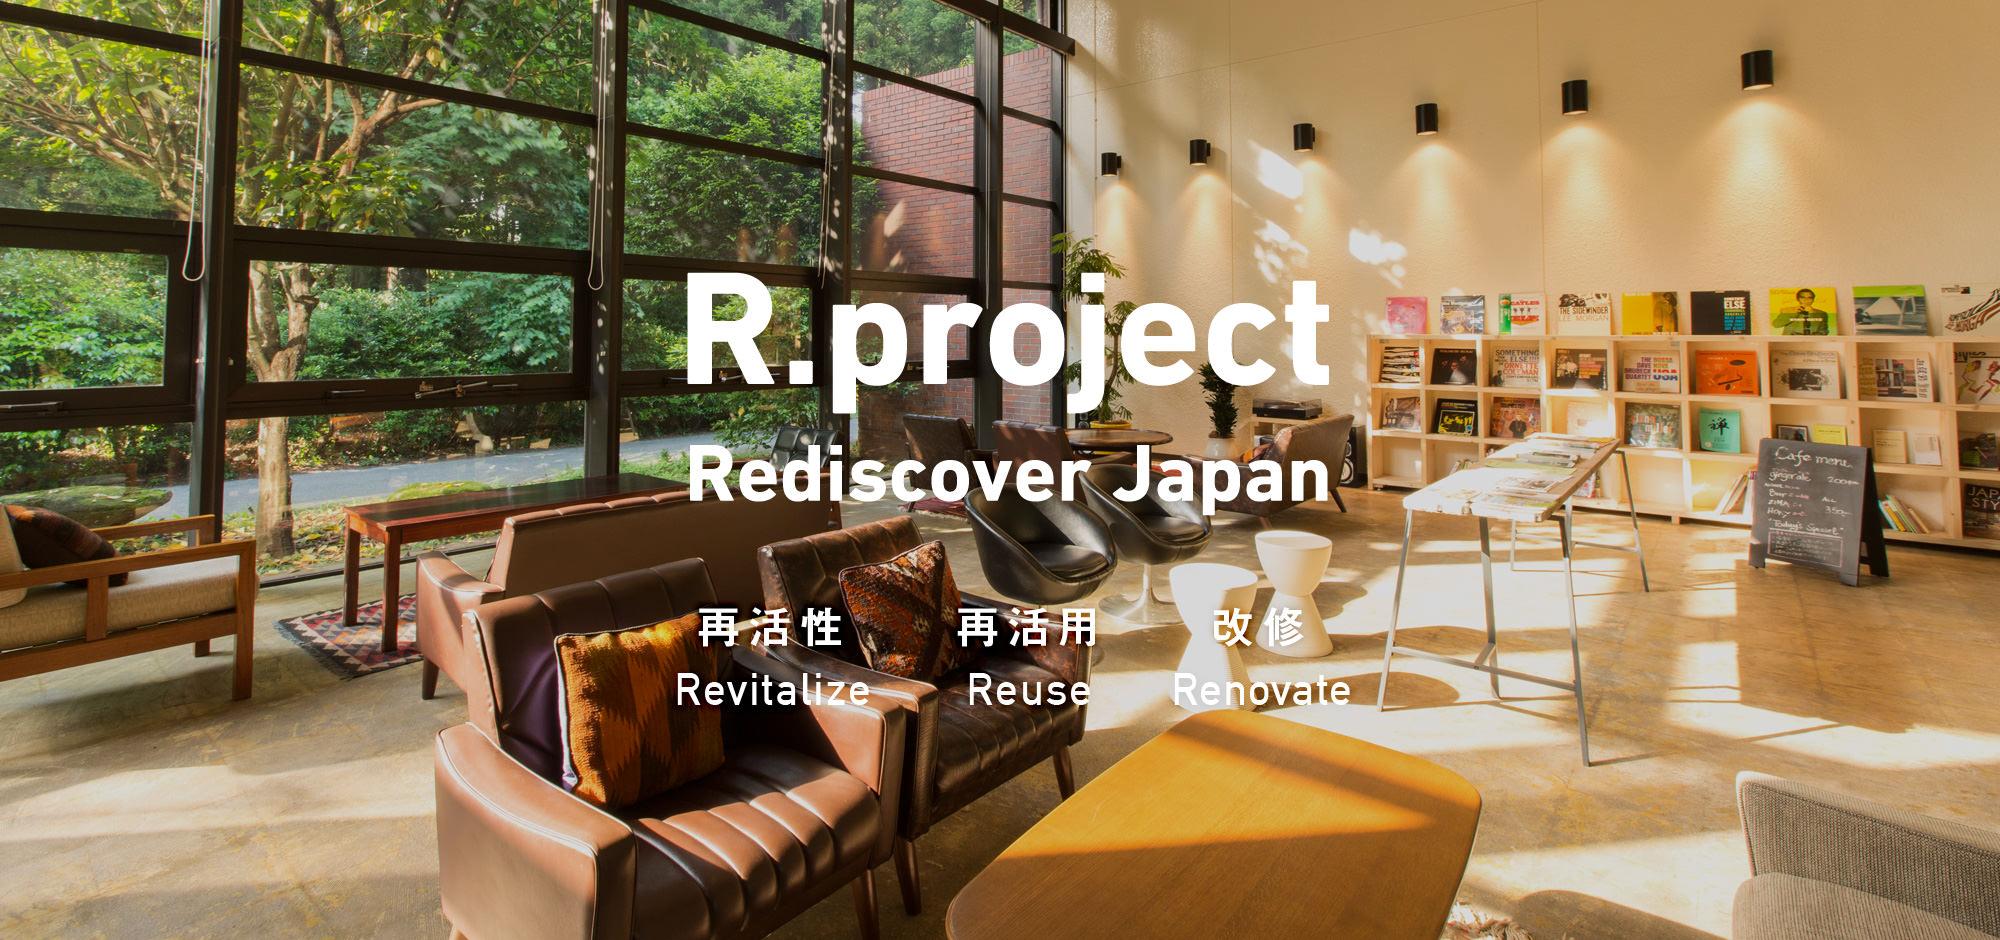 再活性、再活用、改修 Revitalize、Reuse、Renovate